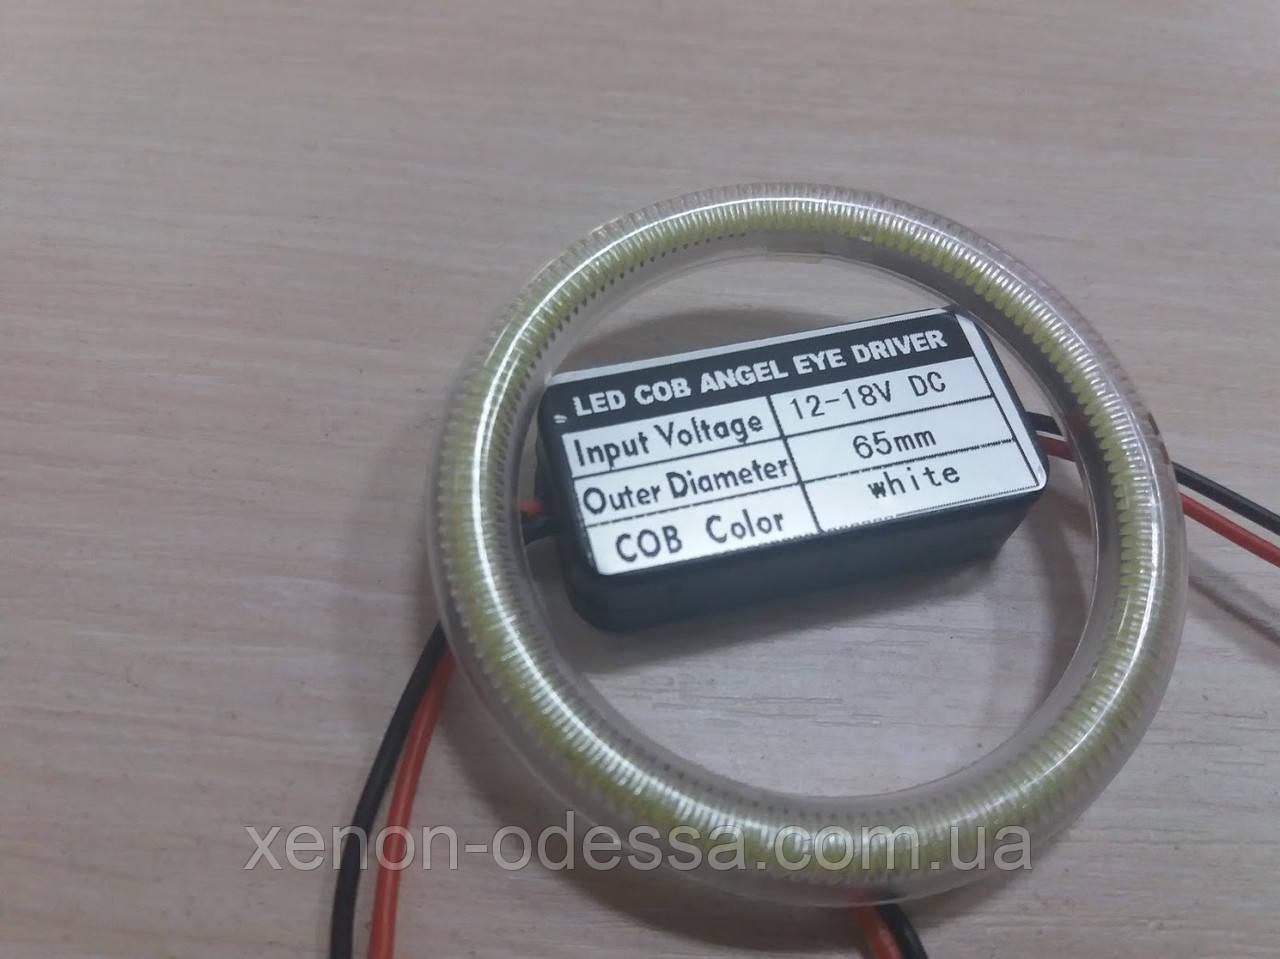 Светодиодные кольца Ангельские Глазки LED COB 65 мм /  Angel Eyes Ring LED COB 65 mm